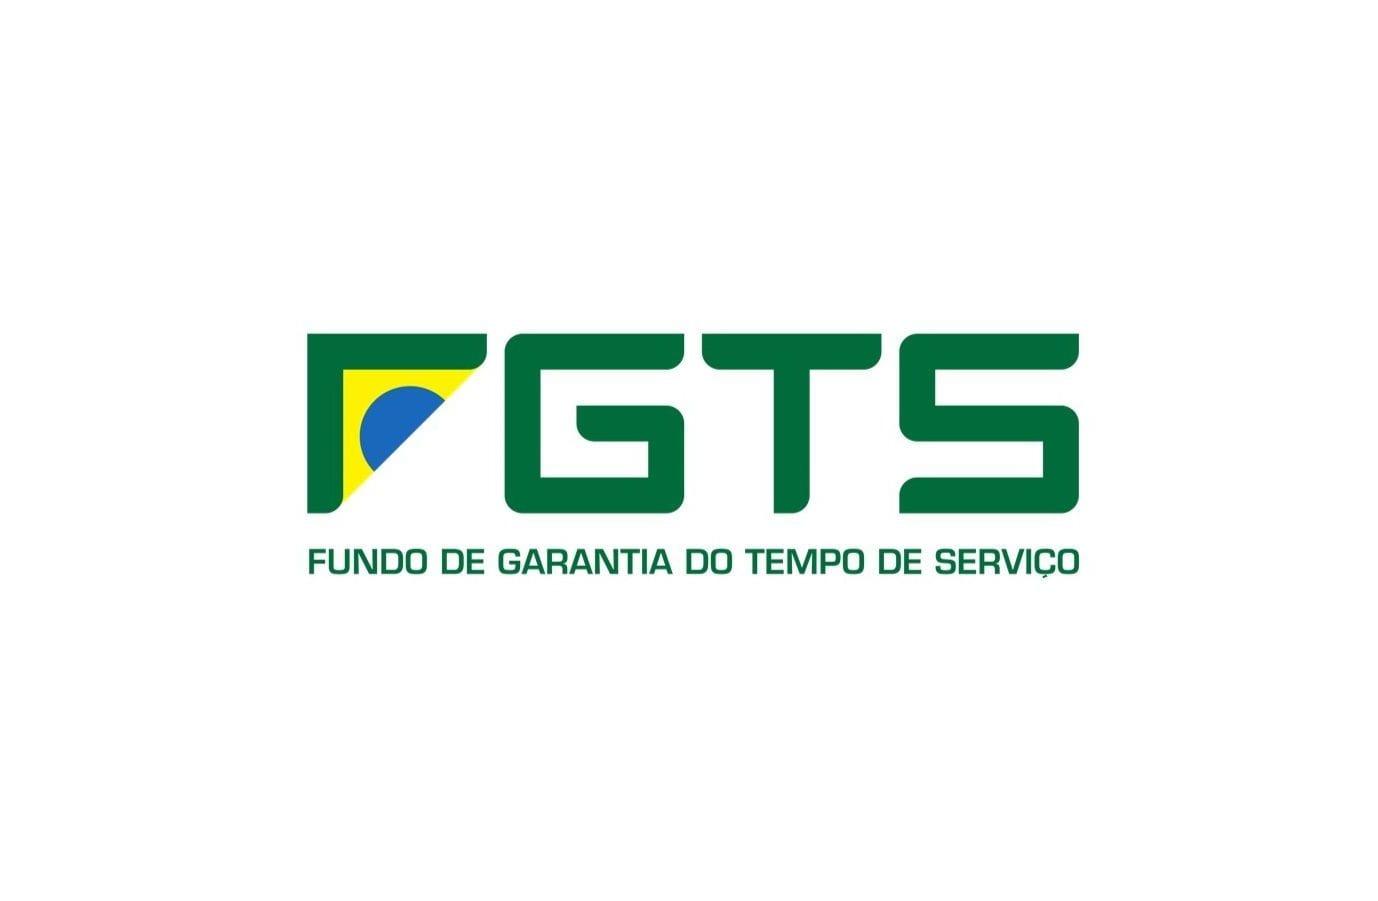 FGTS Emergencial 1045: Pagamentos Adiados, Cadastros Incompletos e Calendário PIS/PASEP